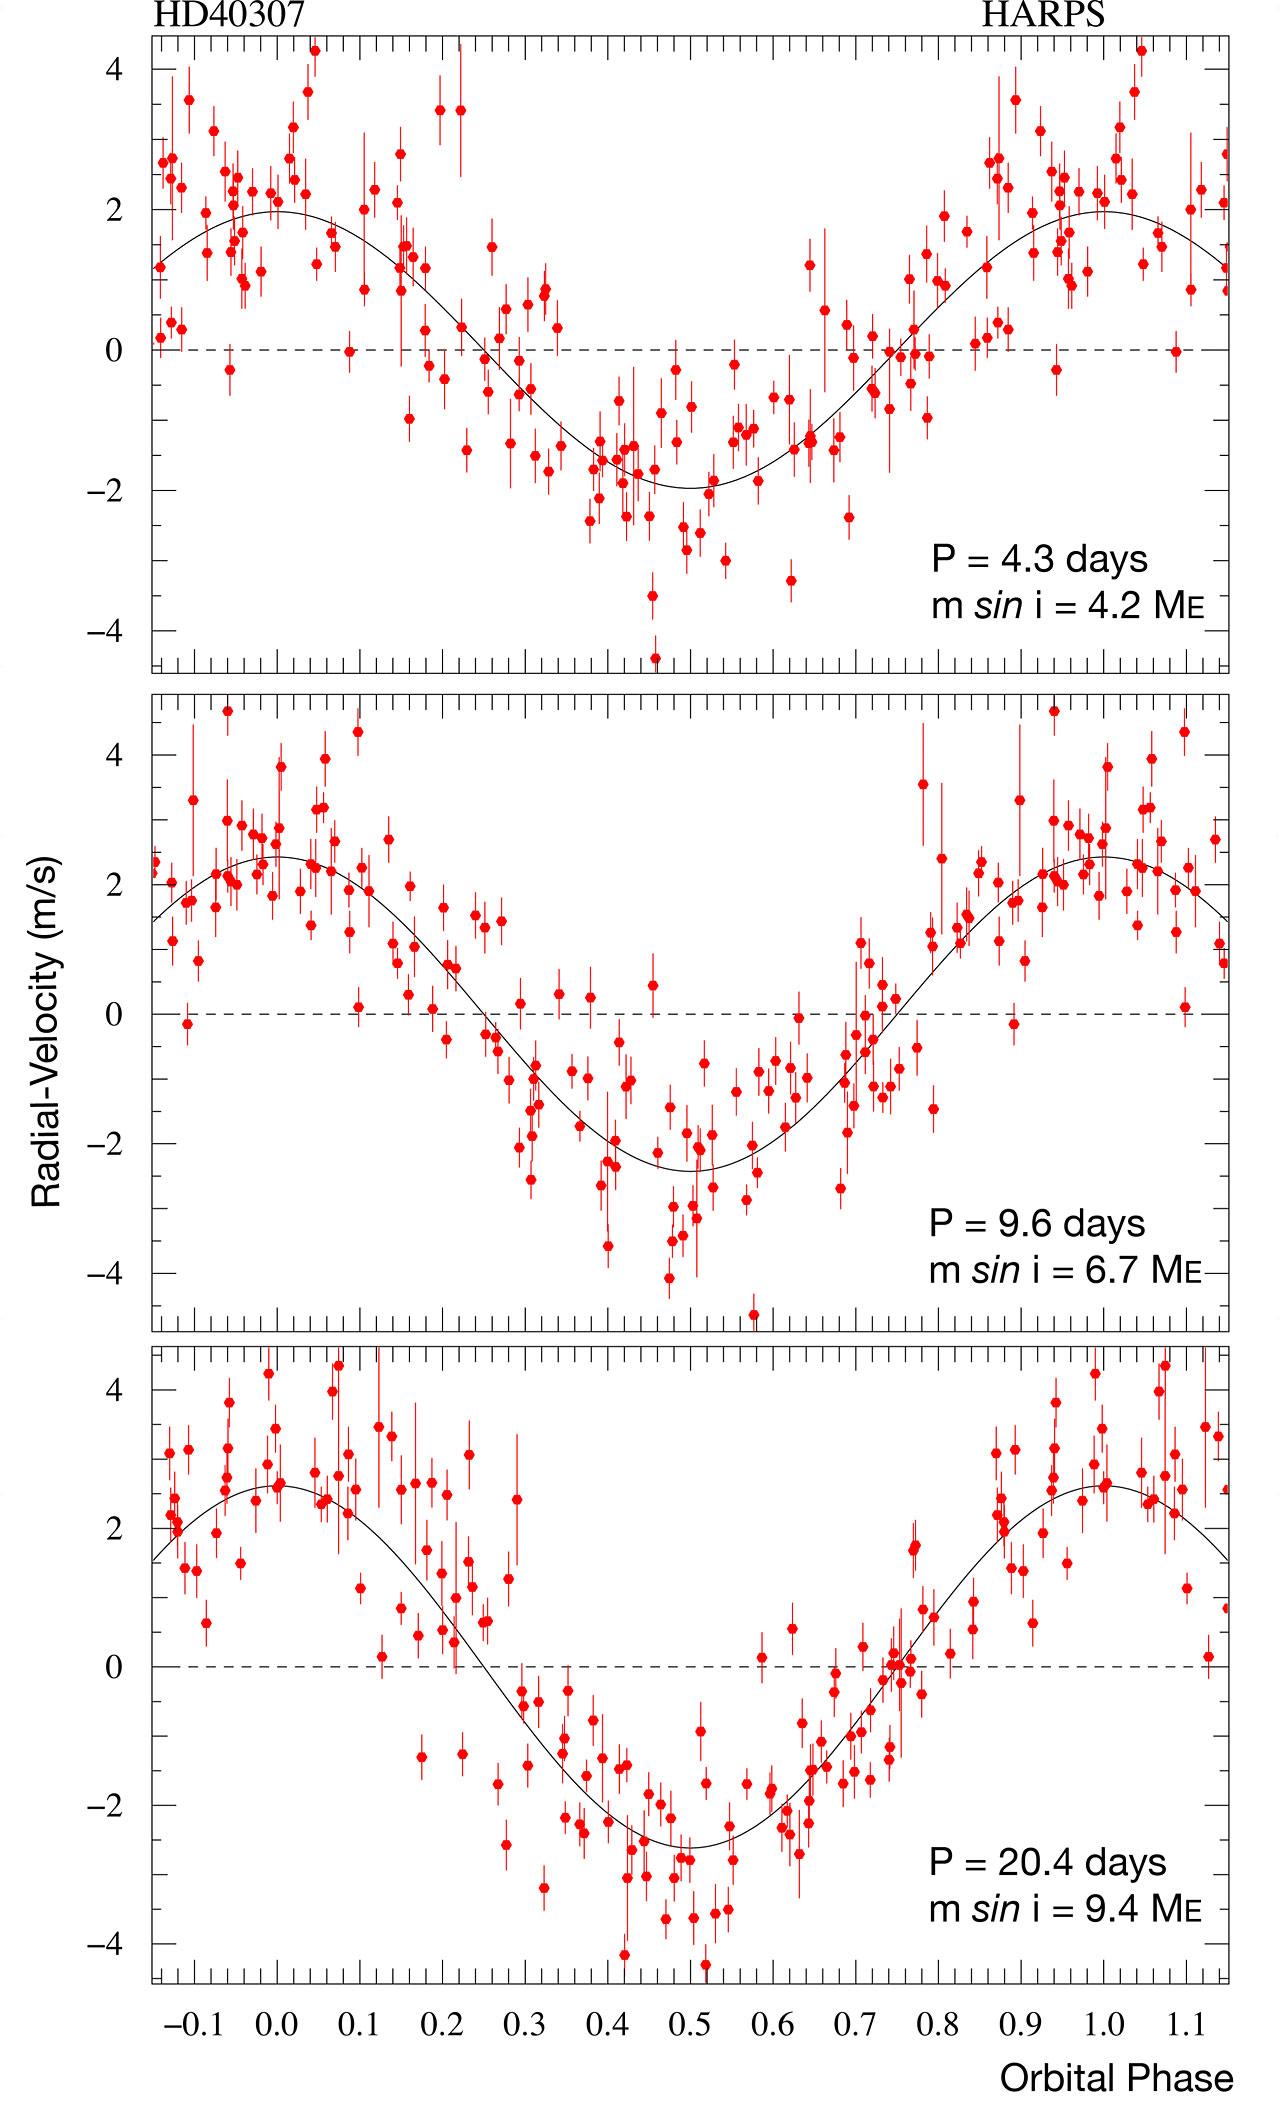 Measurements of HD 40307